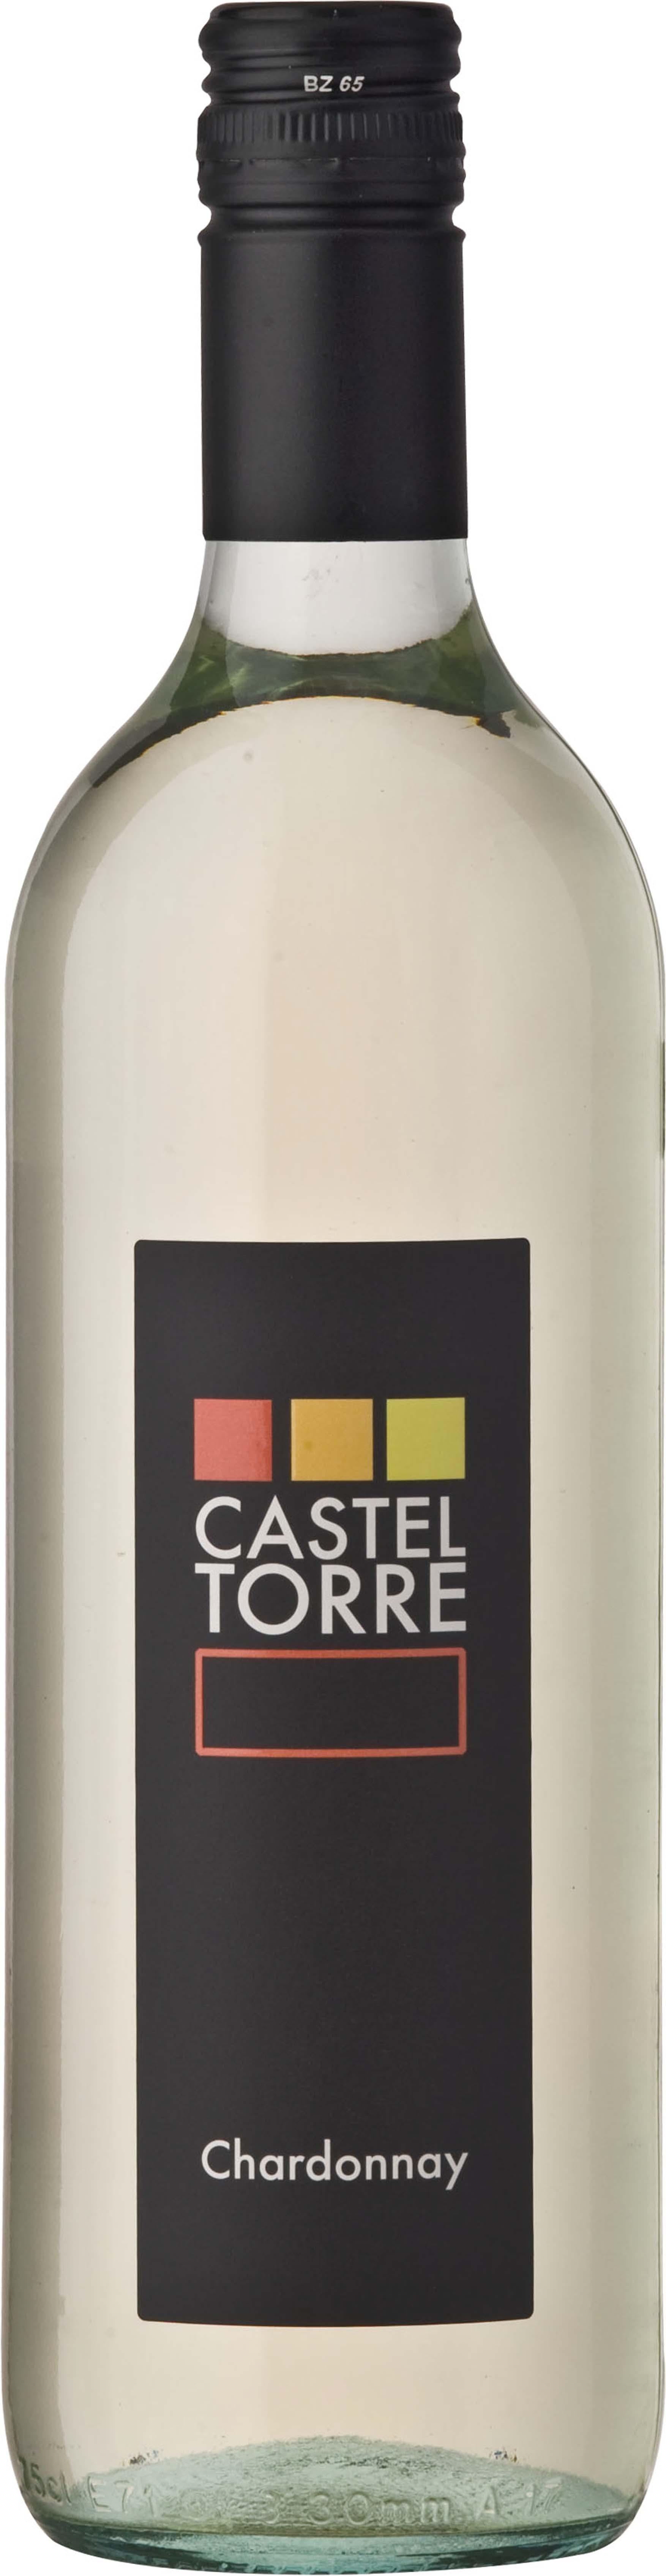 casteltorre-chardonnay-igt-venezie_2413